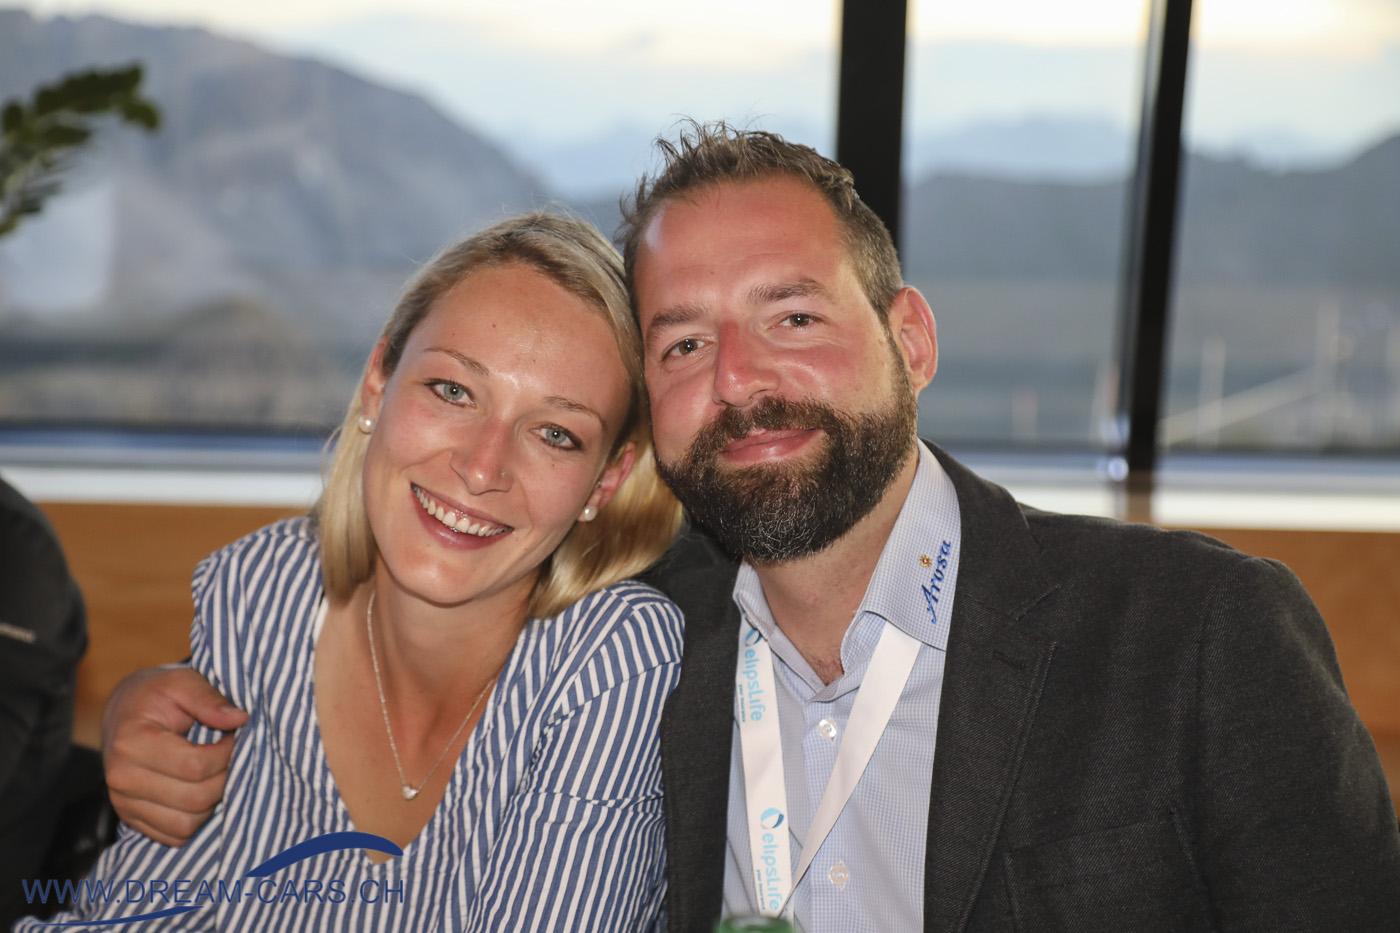 Arosa ClassicCar 2019. Bianca Müller und Markus Markwalder, OK Präsident.